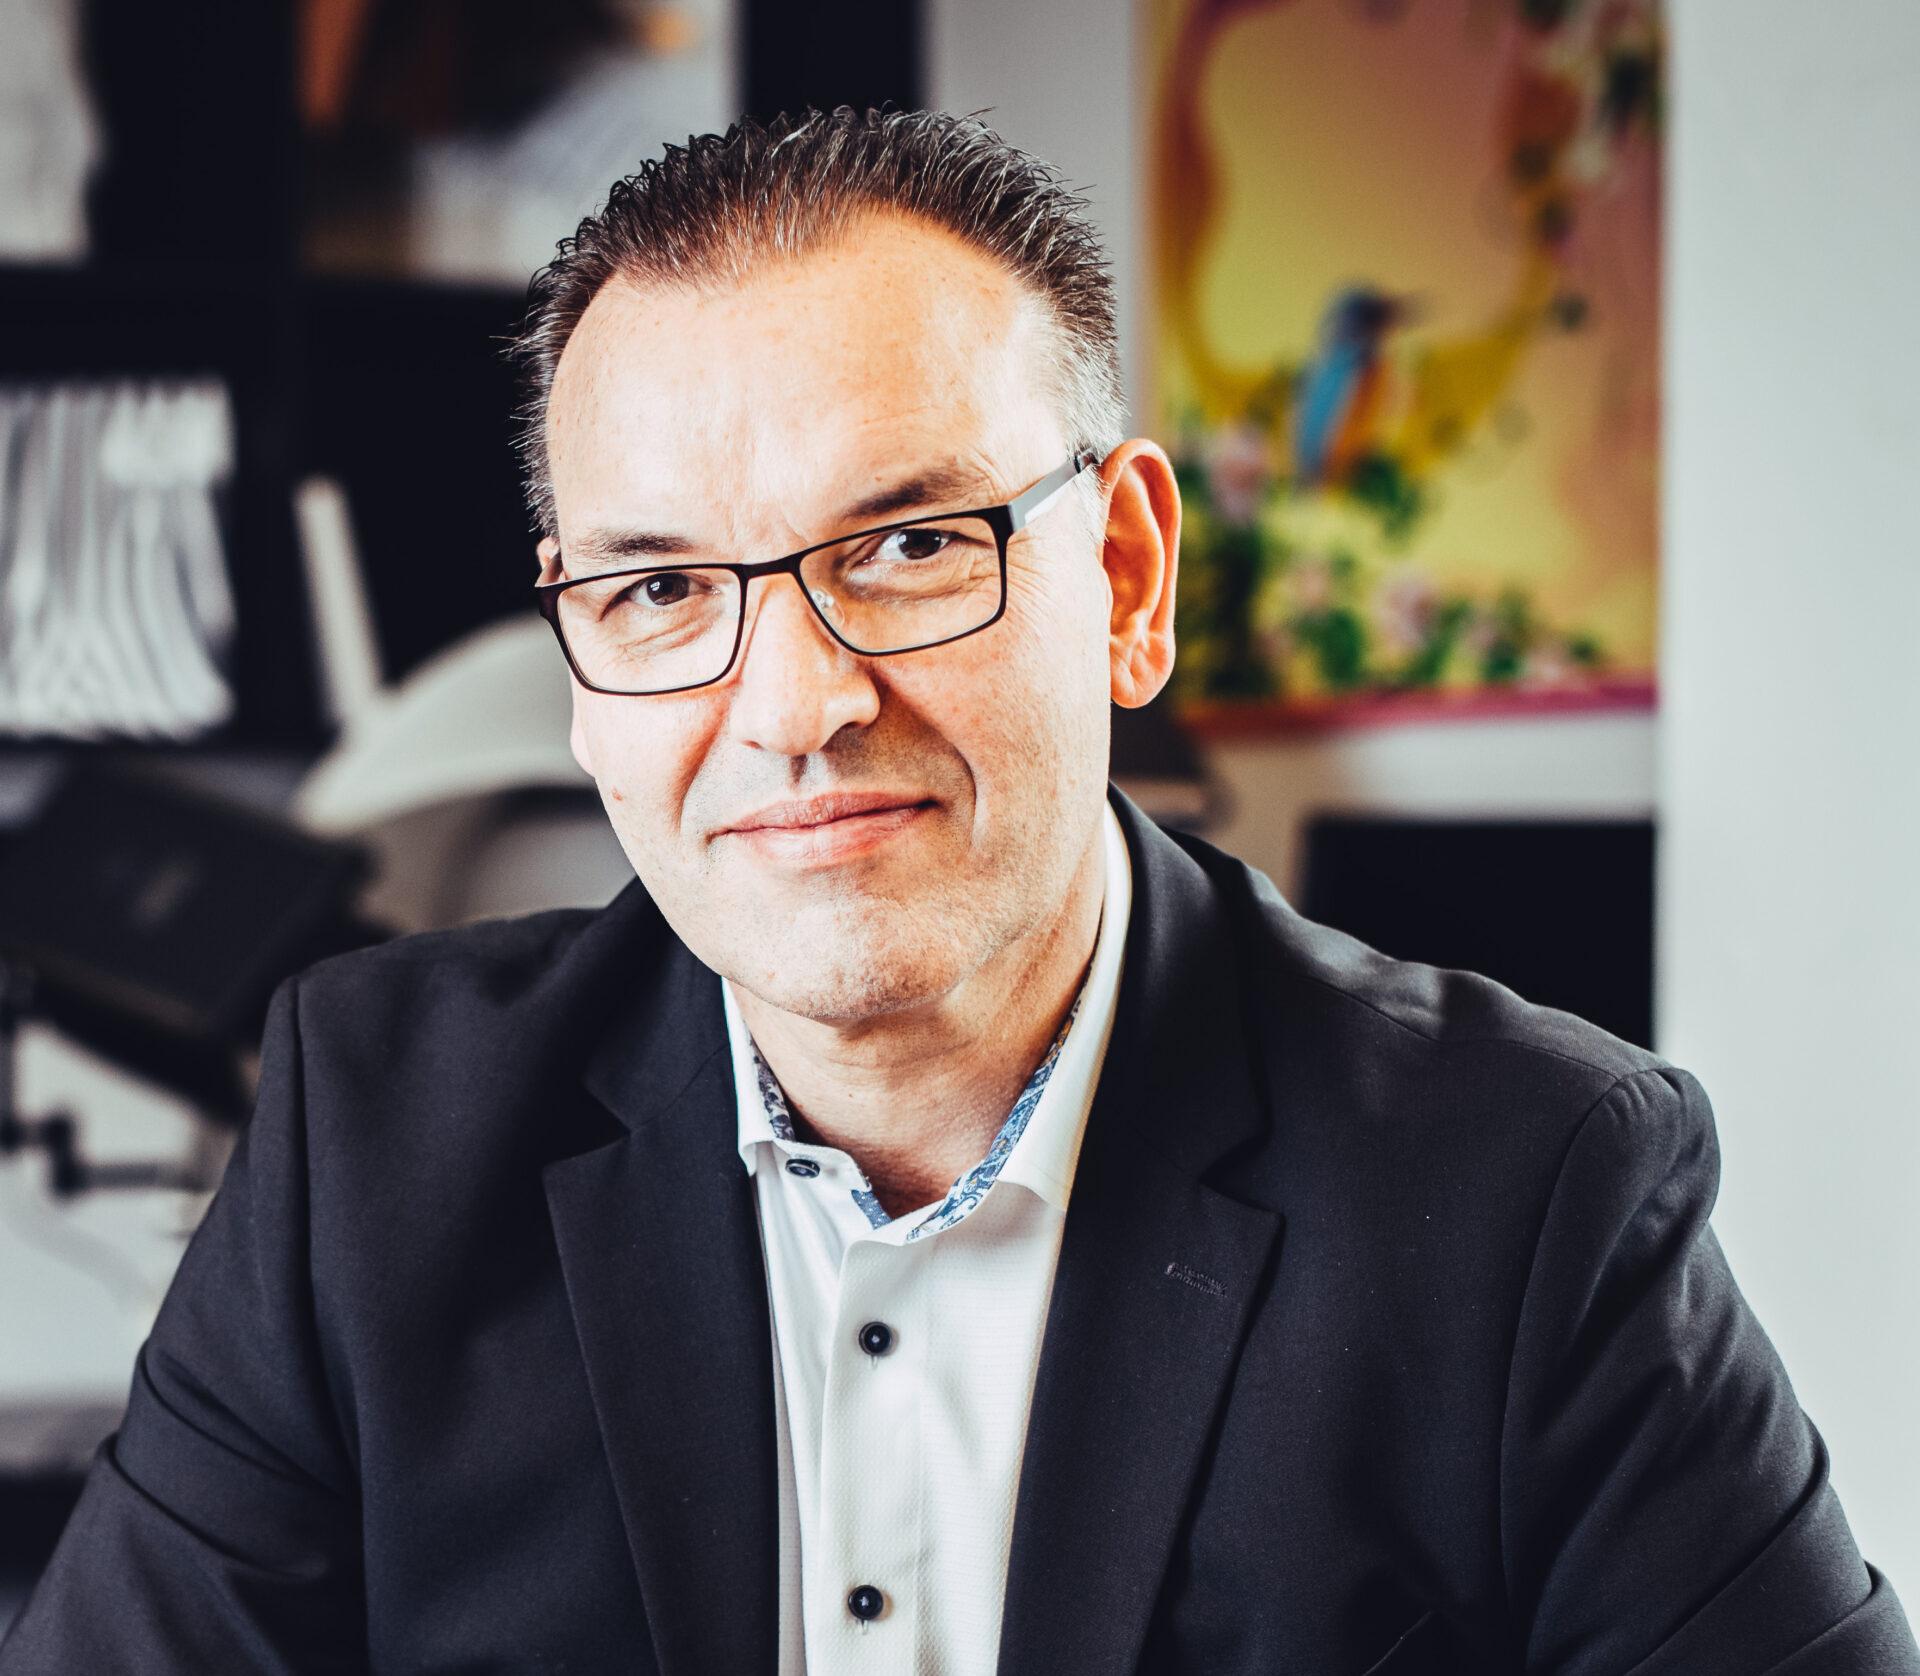 Thorsten Hering